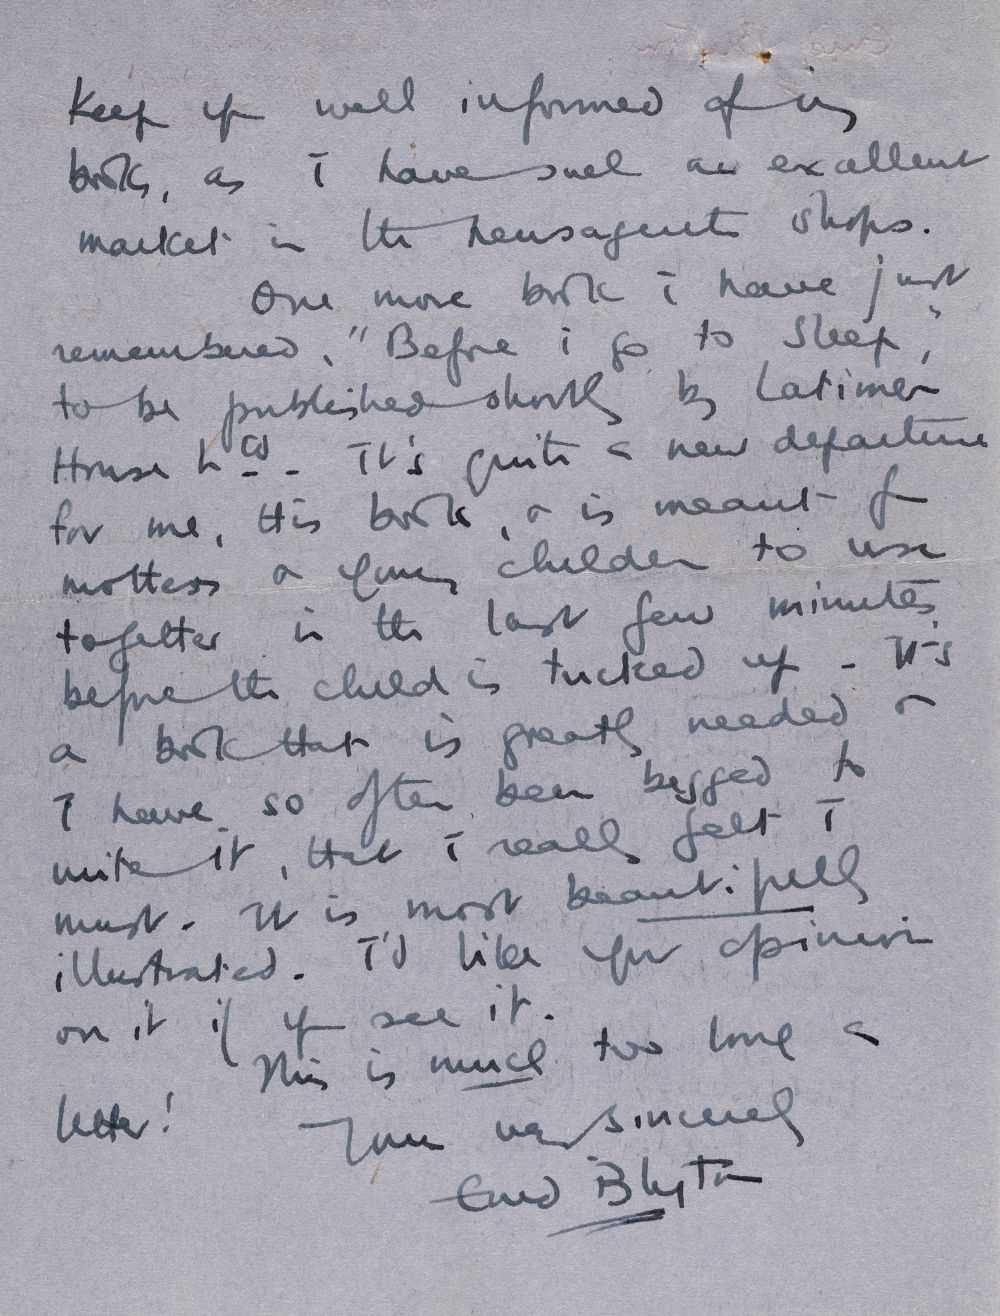 Lot 581 - Blyton (Enid, 1897-1968). Autograph letter signed, 23 August 1947